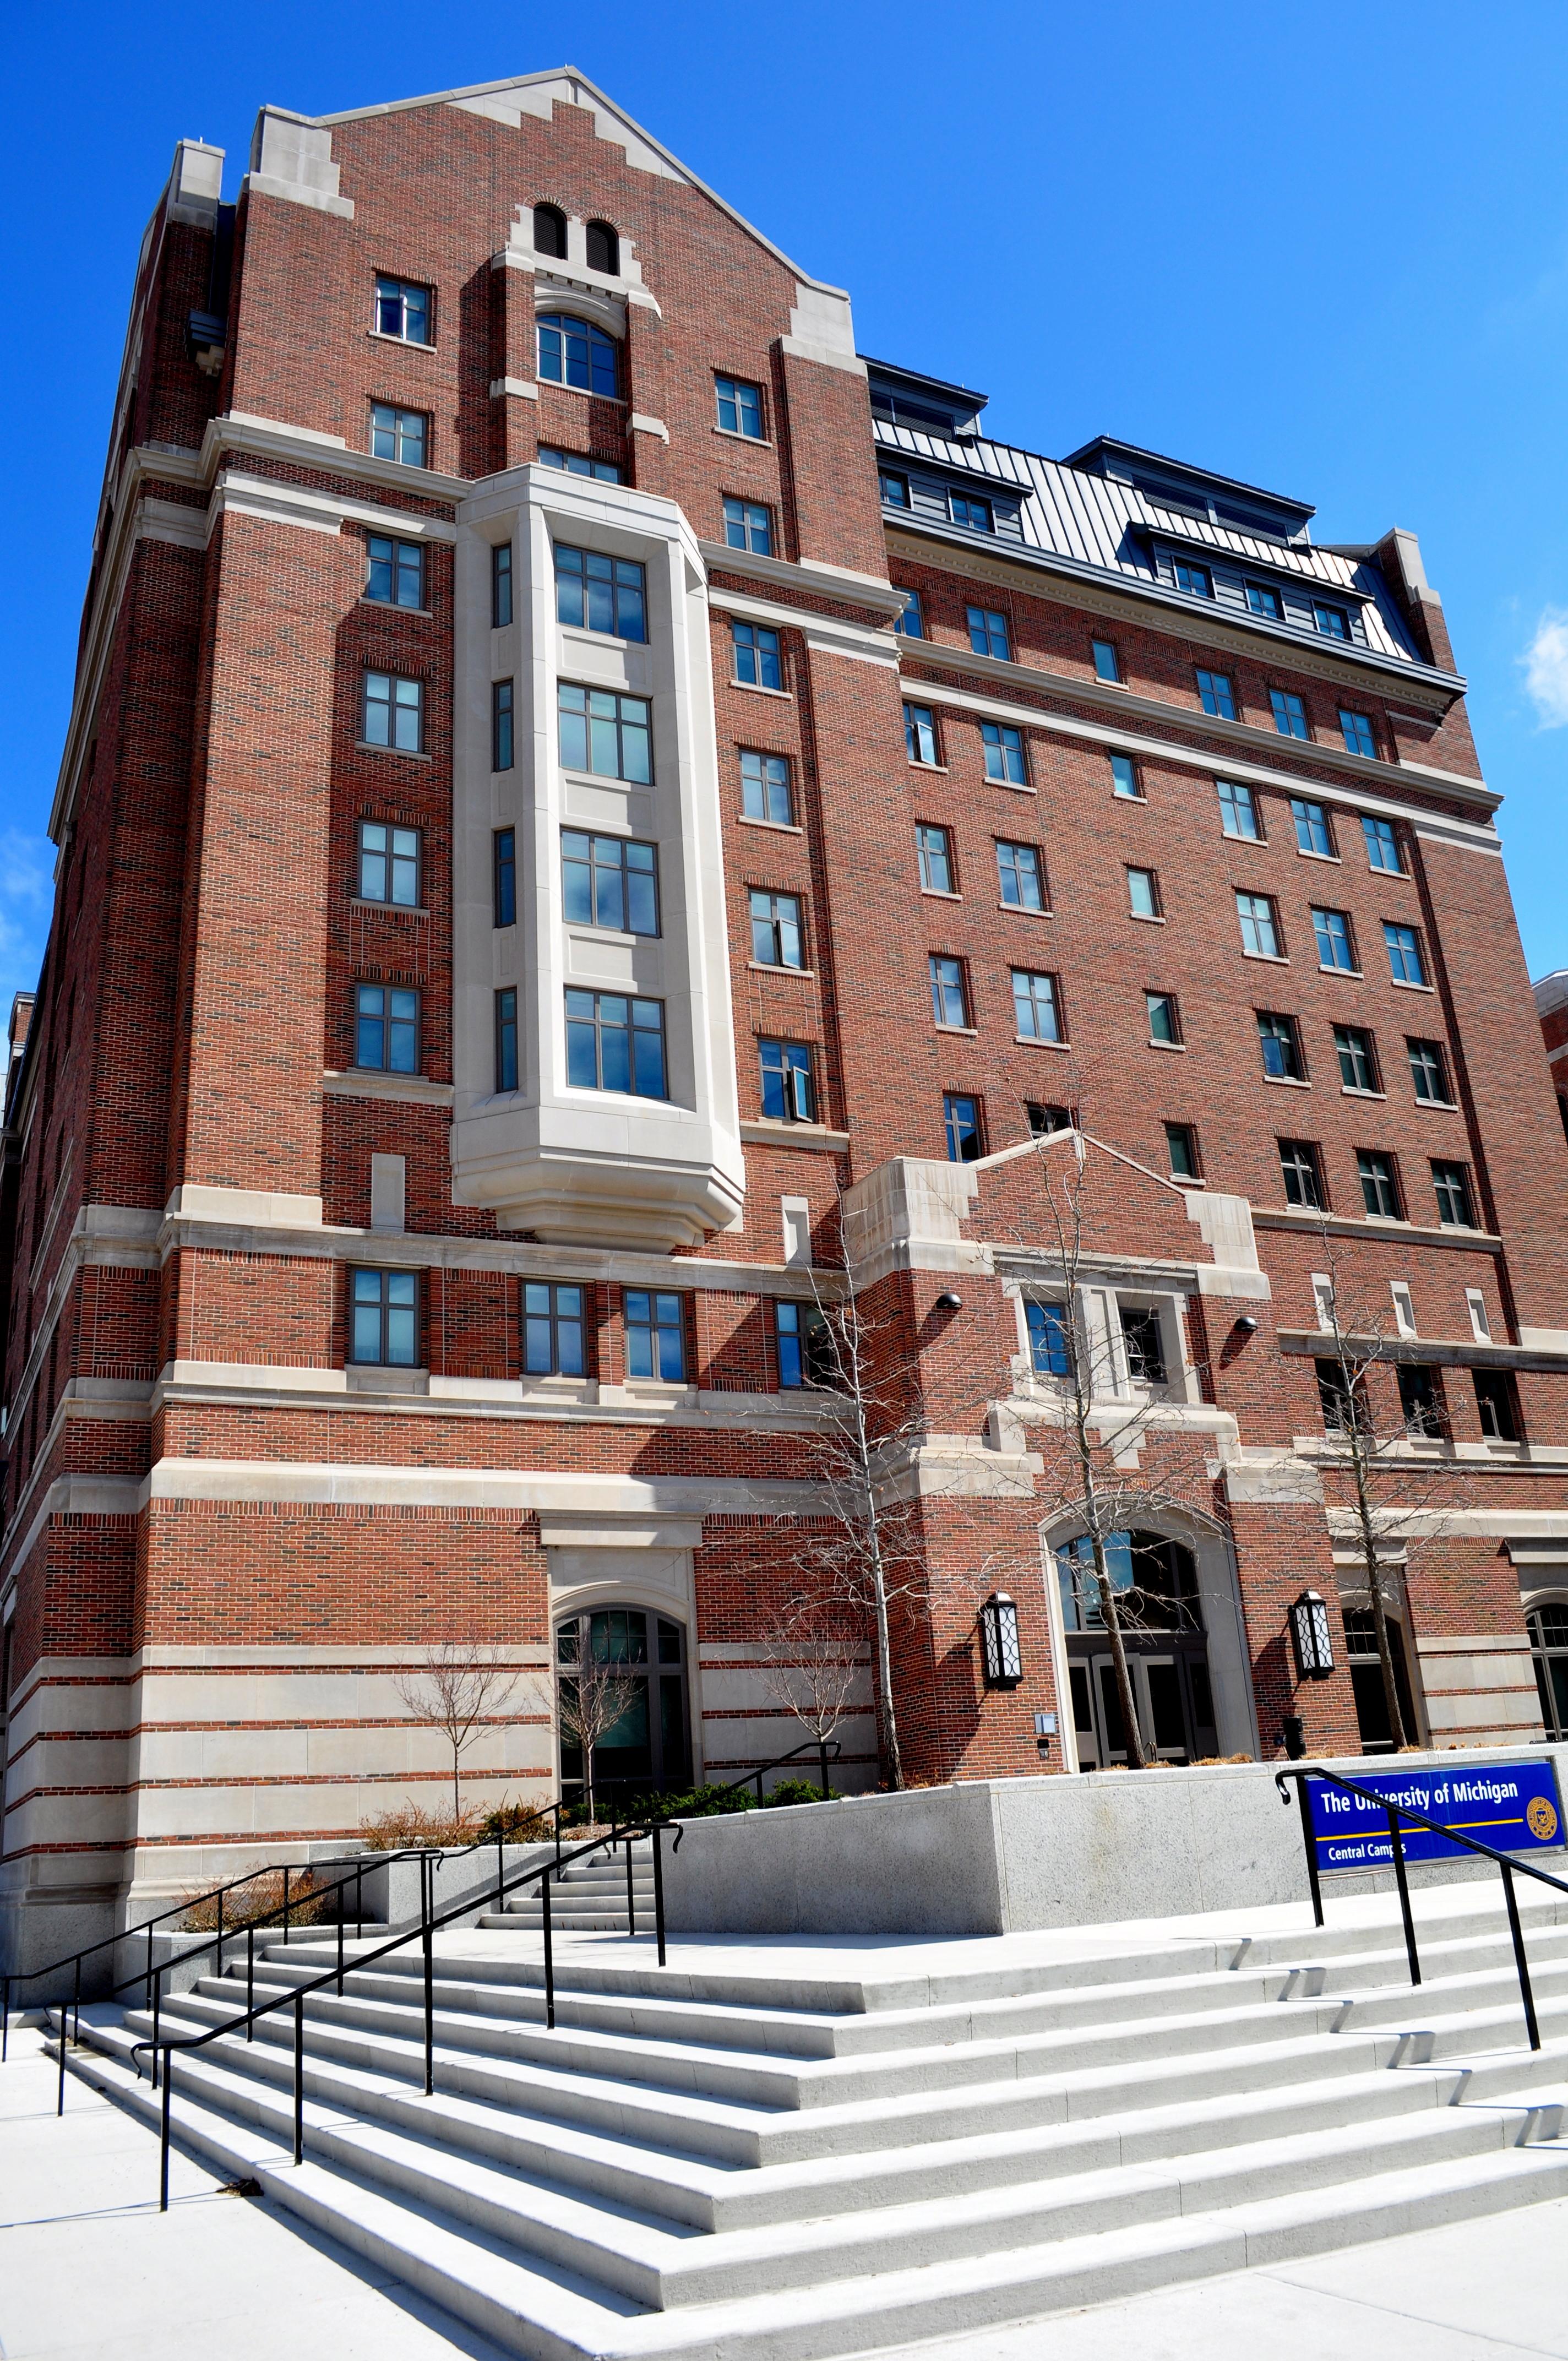 University Of Michigan Student Housing Wikipedia